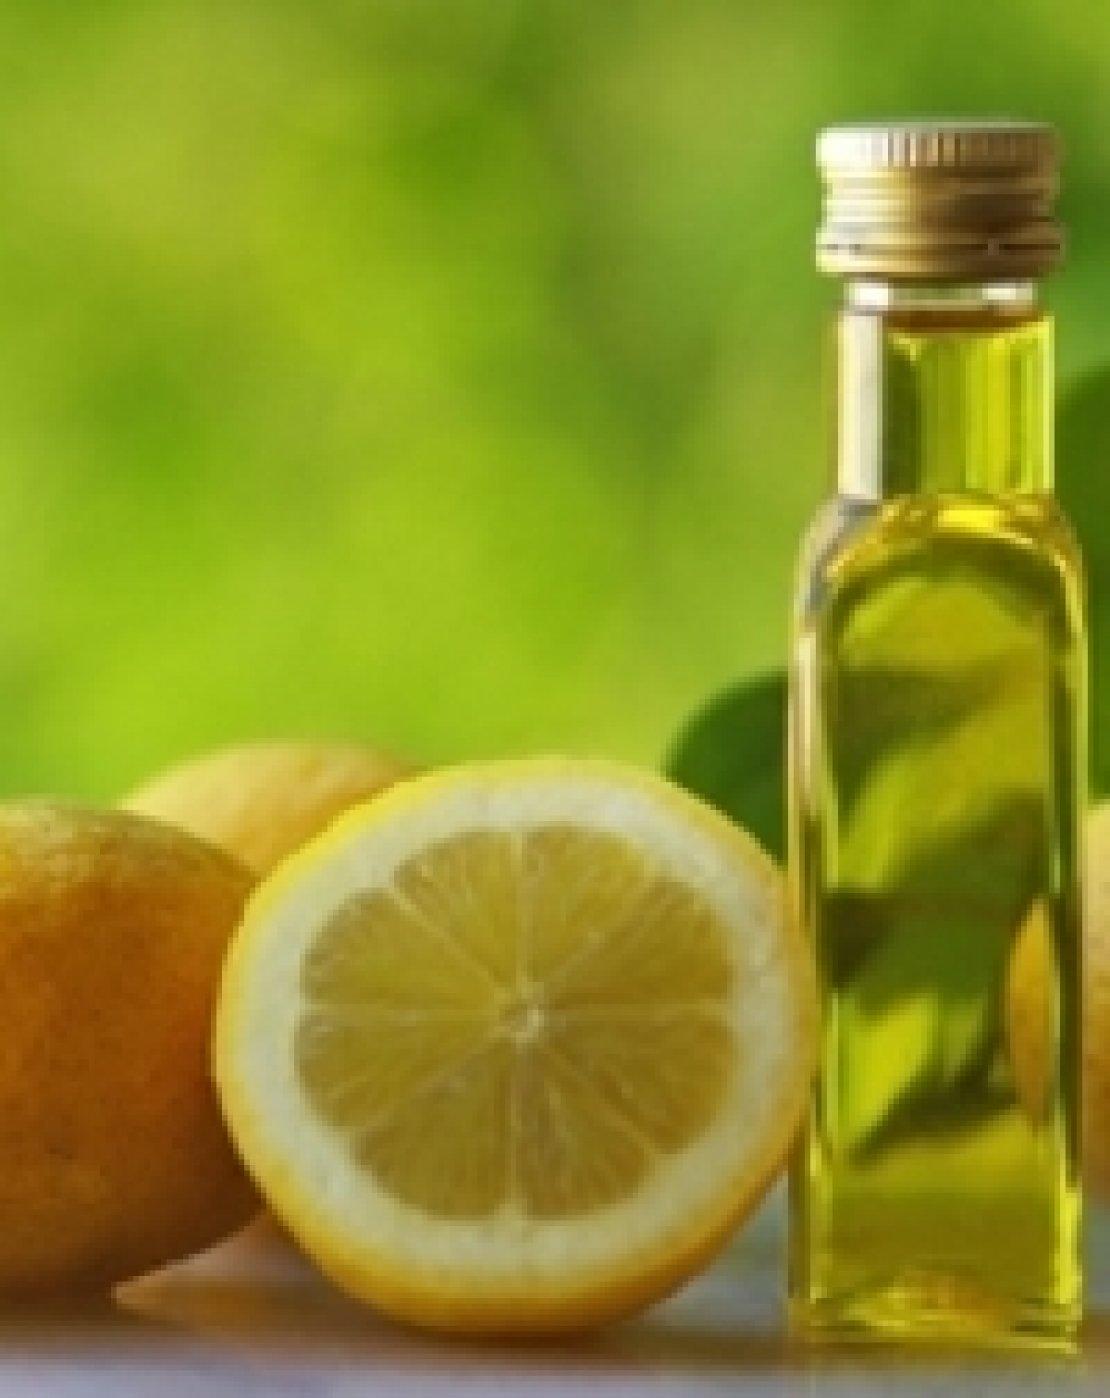 Olio extra vergine d'oliva e limone, emulsione perfetta per le insalatone estive